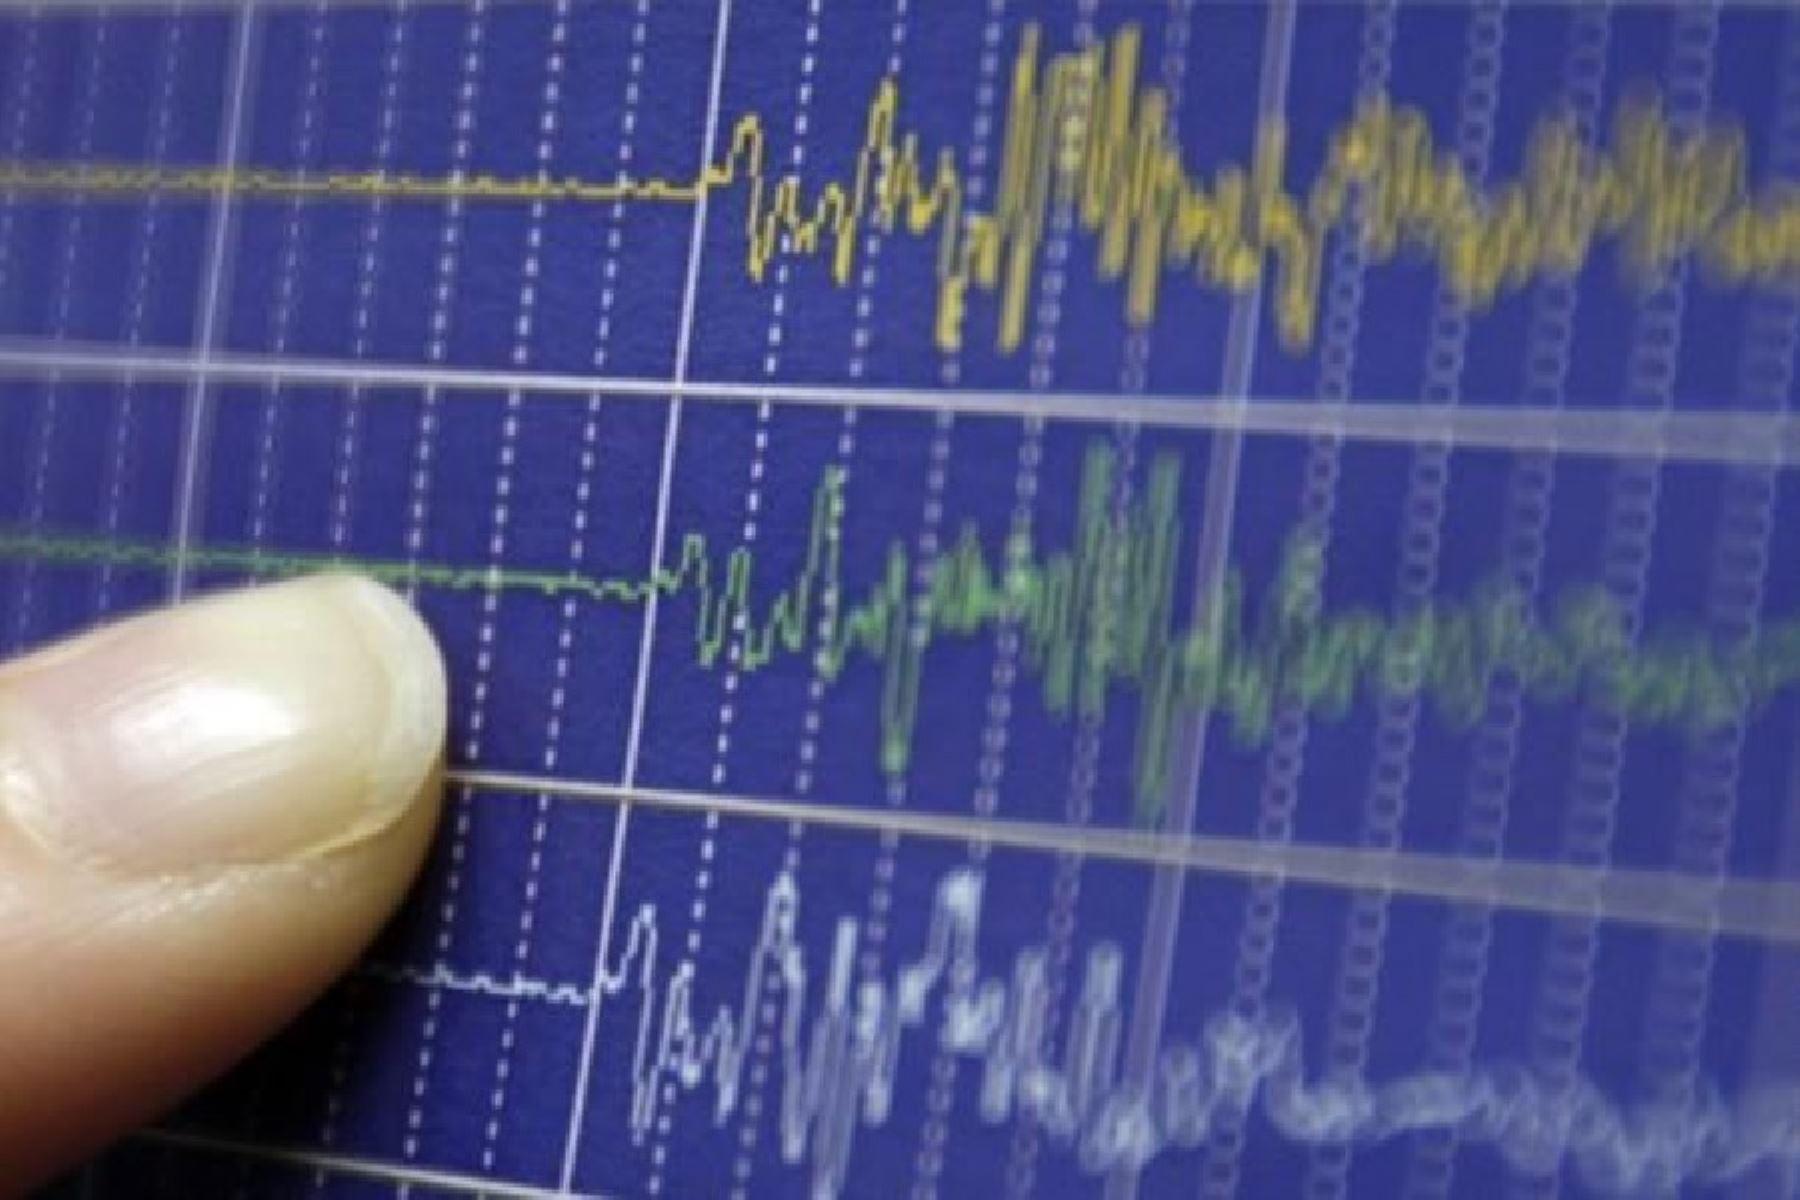 En la provincia de Caravelí, región Arequipa, se registró el tercer sismo en lo que va del día. Foto: ANDINA/Difusión